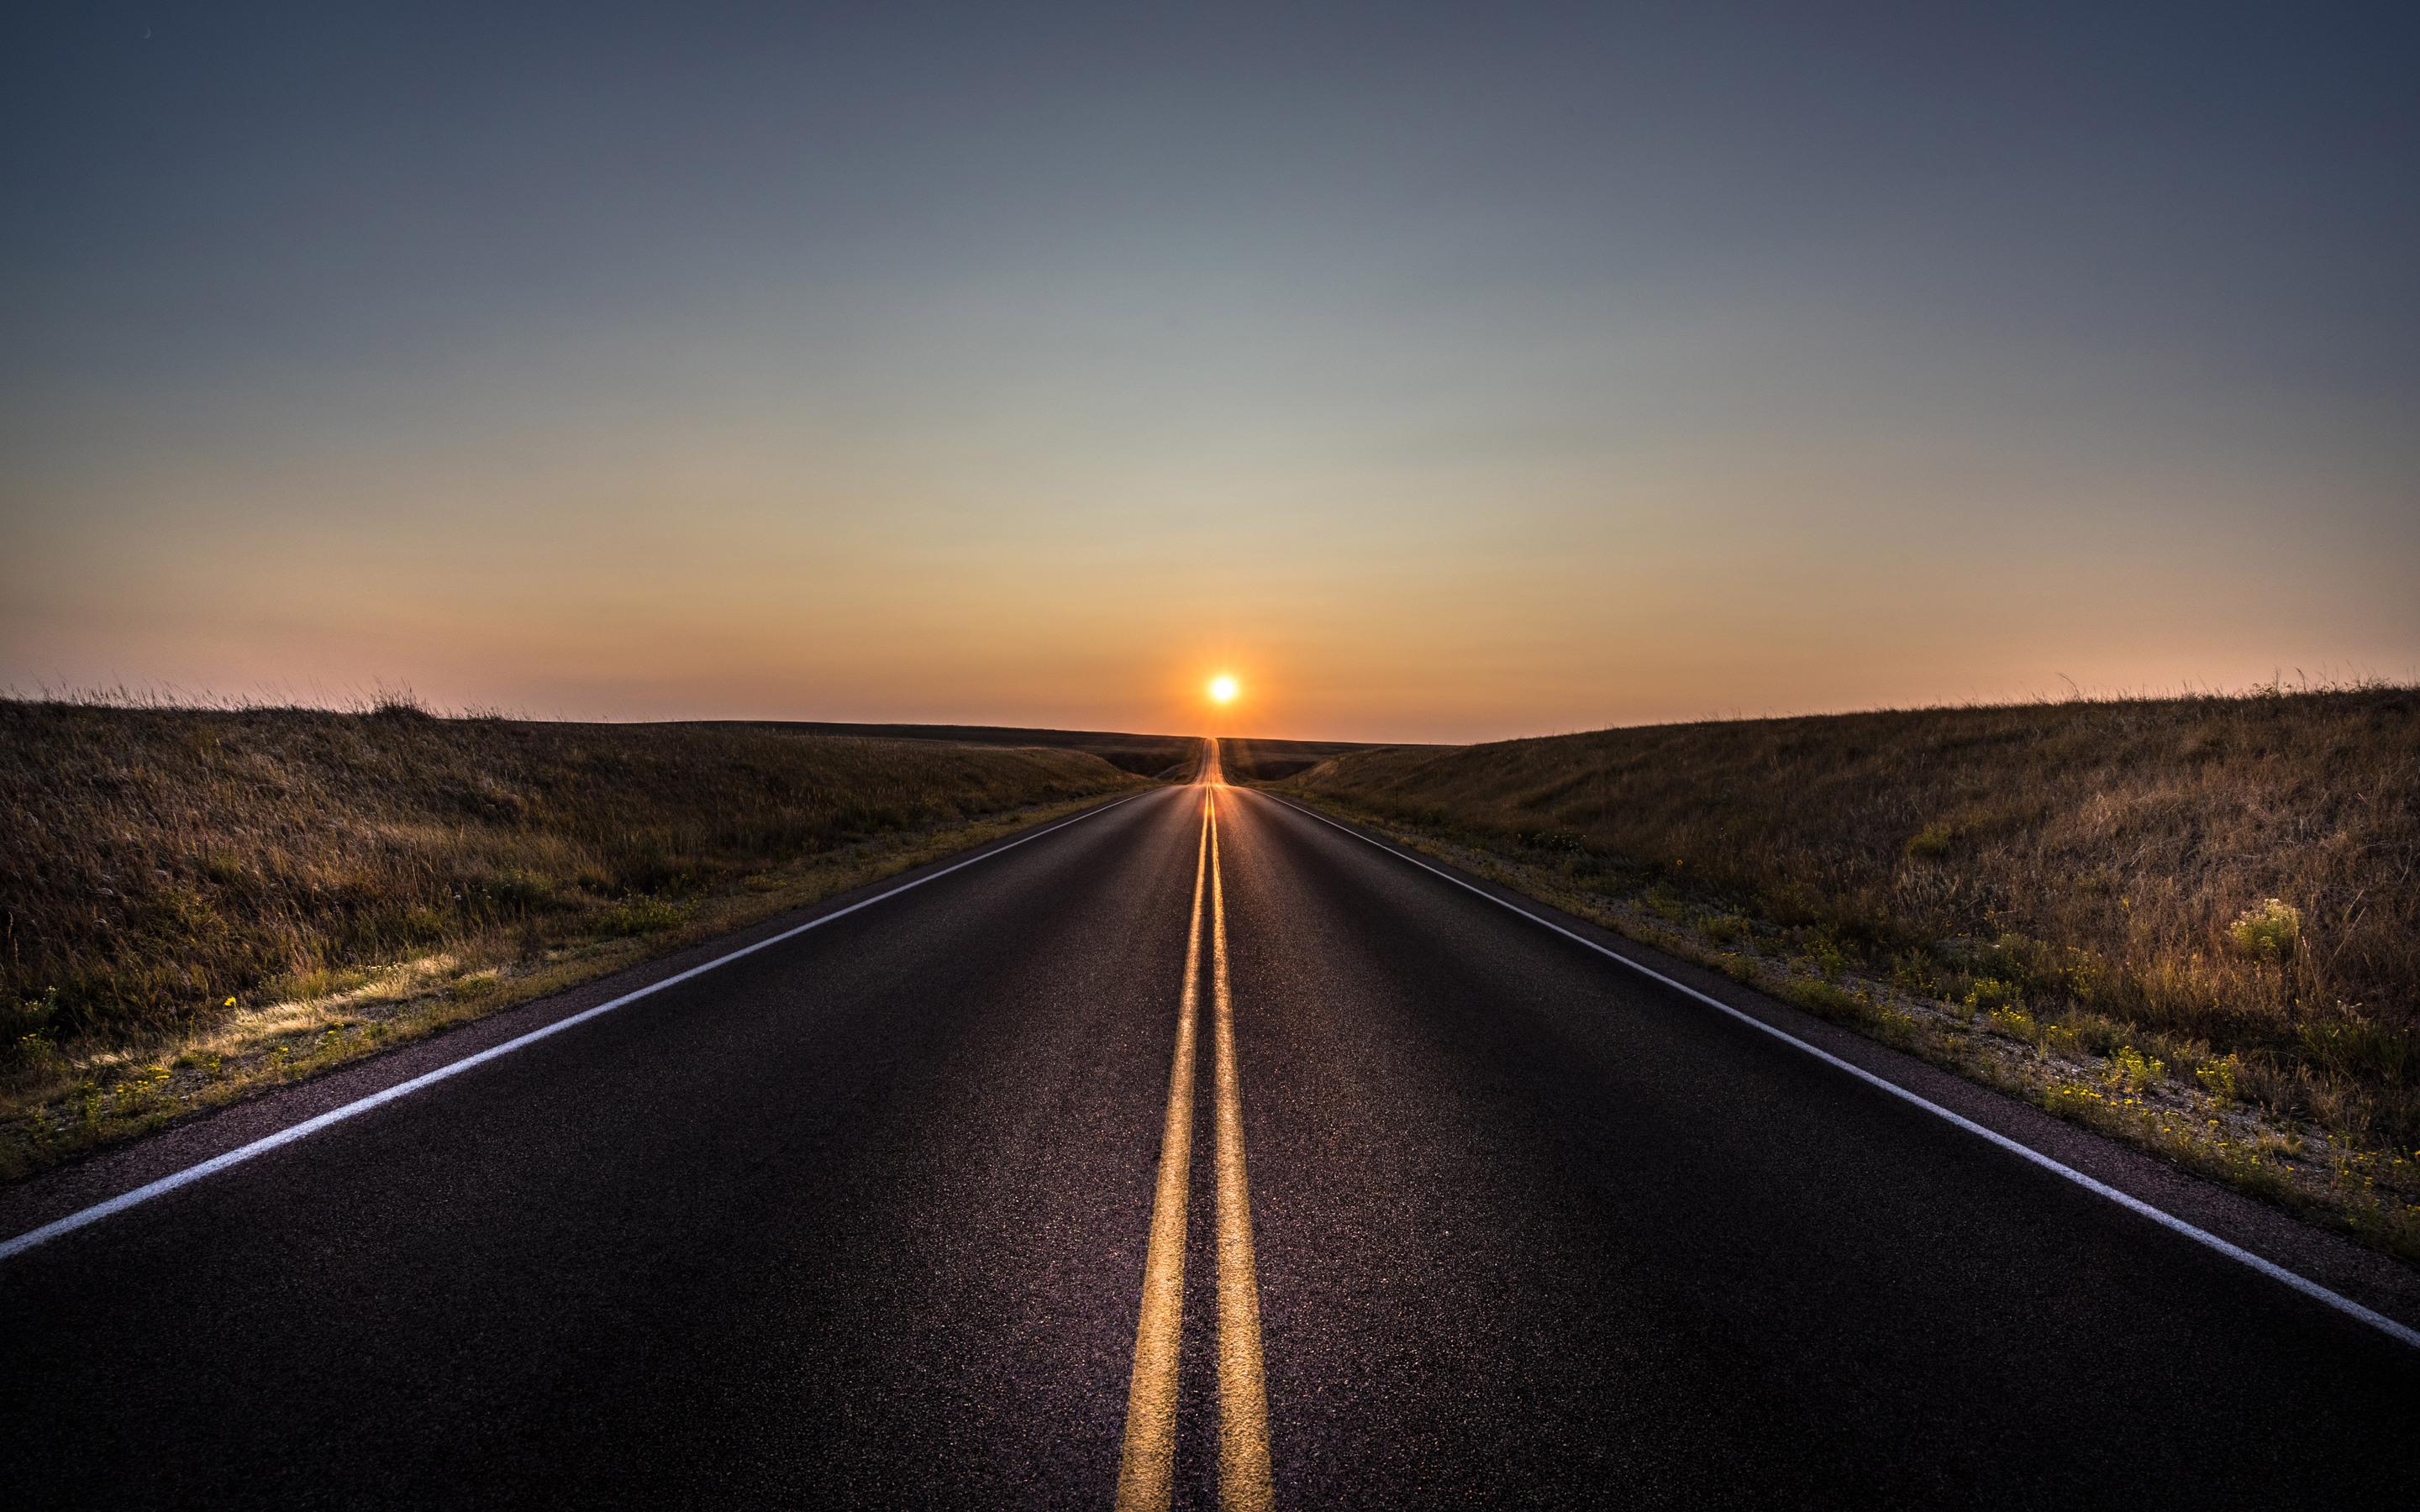 Дорога к закату  № 1568254 загрузить